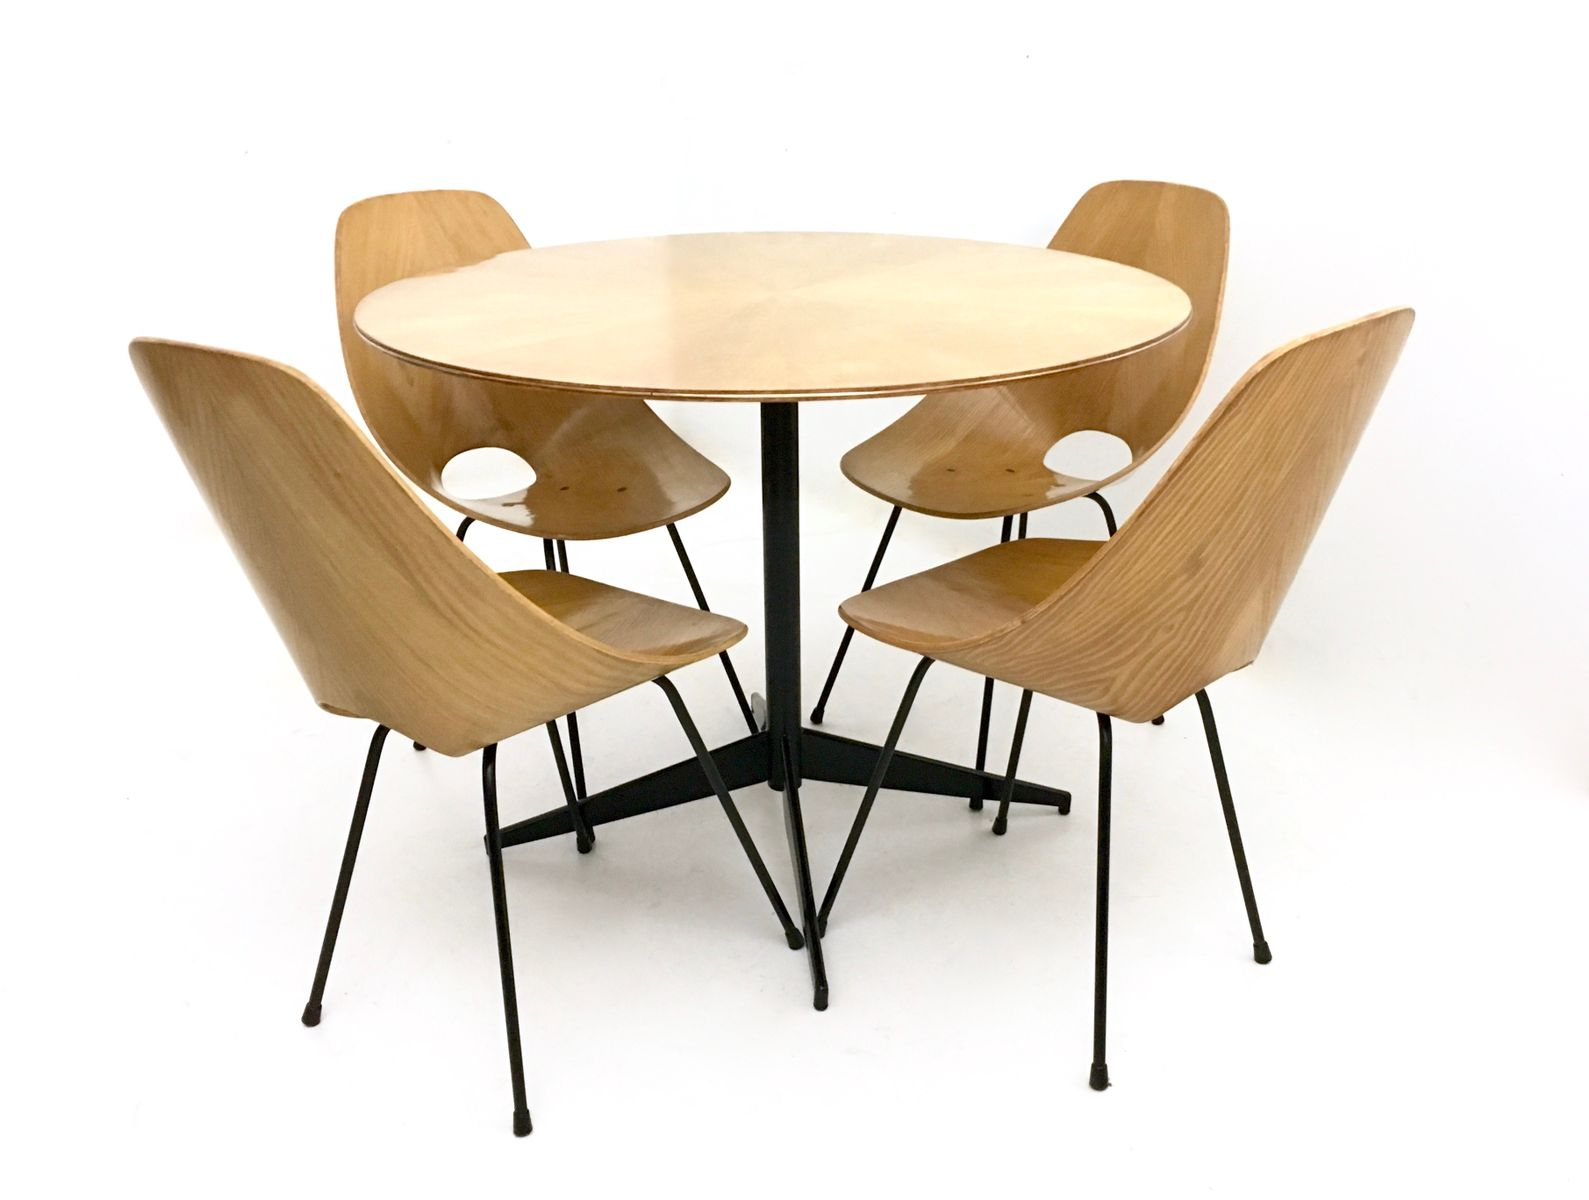 Table de salle a manger avec chaises chaise avec accoudoirs en tissu 2017 avec fauteuil avec - Table a manger avec chaises ...